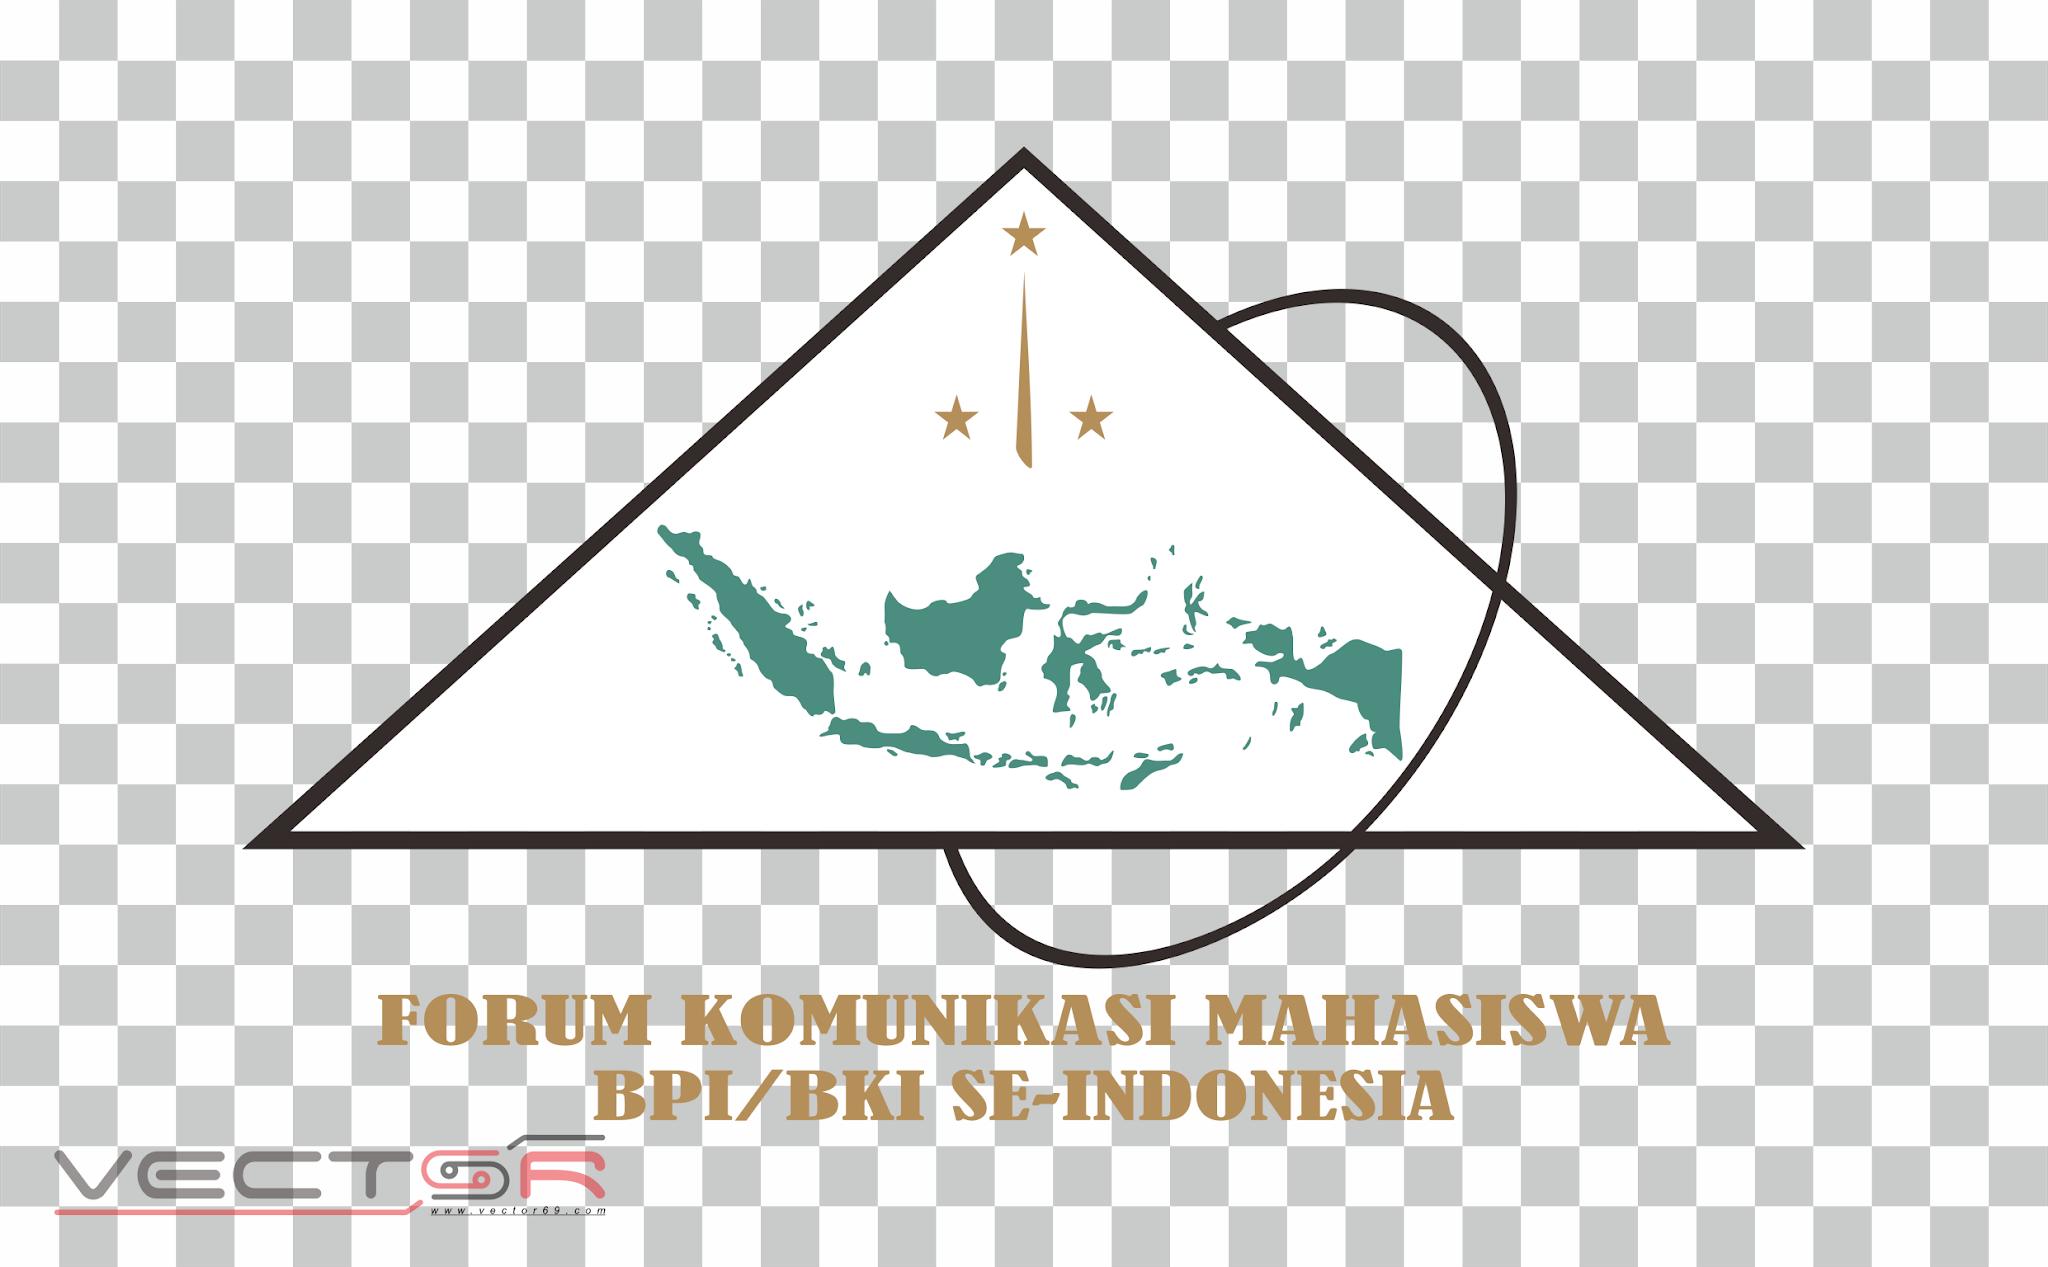 Logo FKM BPI/BKI Se-Indonesia - Download .PNG (Portable Network Graphics) Transparent Images